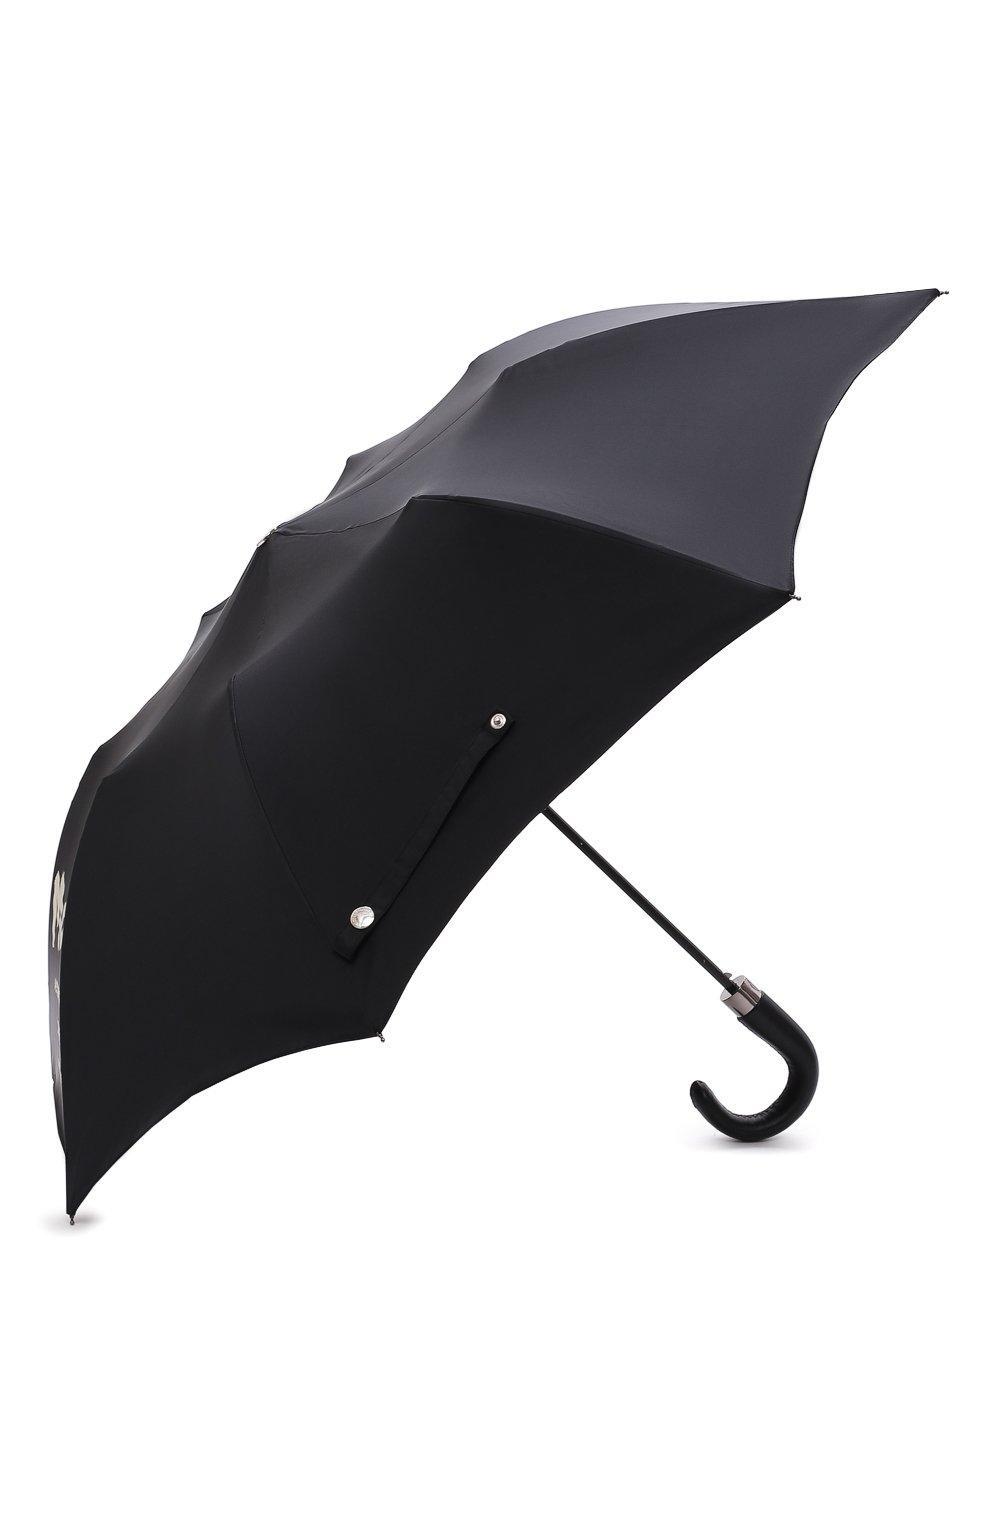 Мужской складной зонт ALEXANDER MCQUEEN черного цвета, арт. 663426/4A71Q   Фото 2 (Материал: Текстиль, Синтетический материал, Металл)